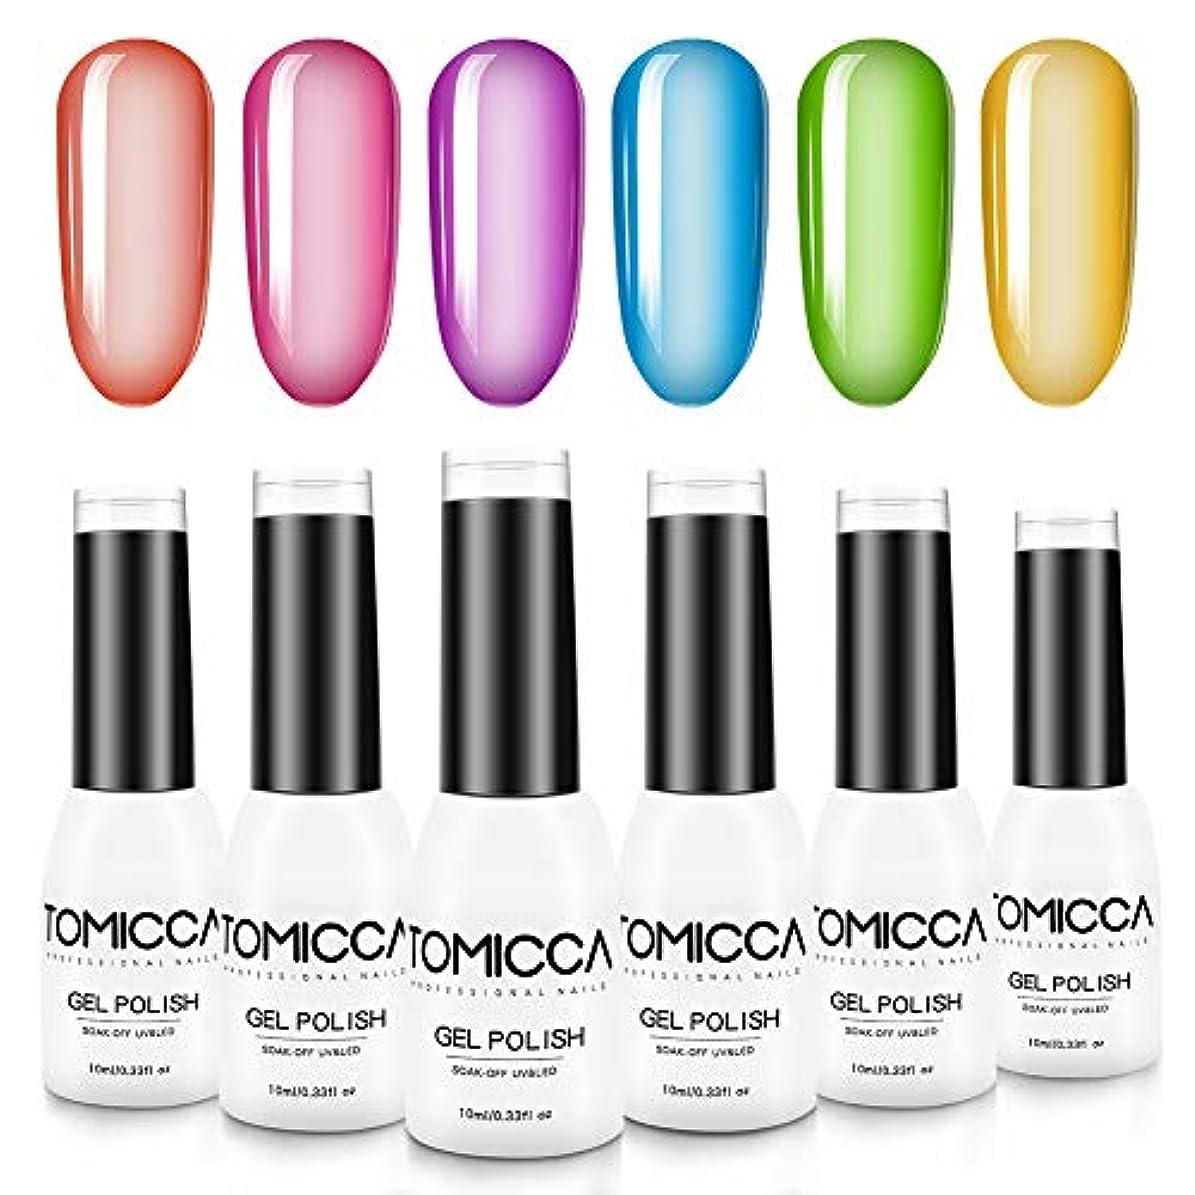 反毒間違えたビバTOMICCA ジェルネイル カラー 6色セット 10ml ピンキーカラー 色持ち良い 可愛い 初心者用カラージェル